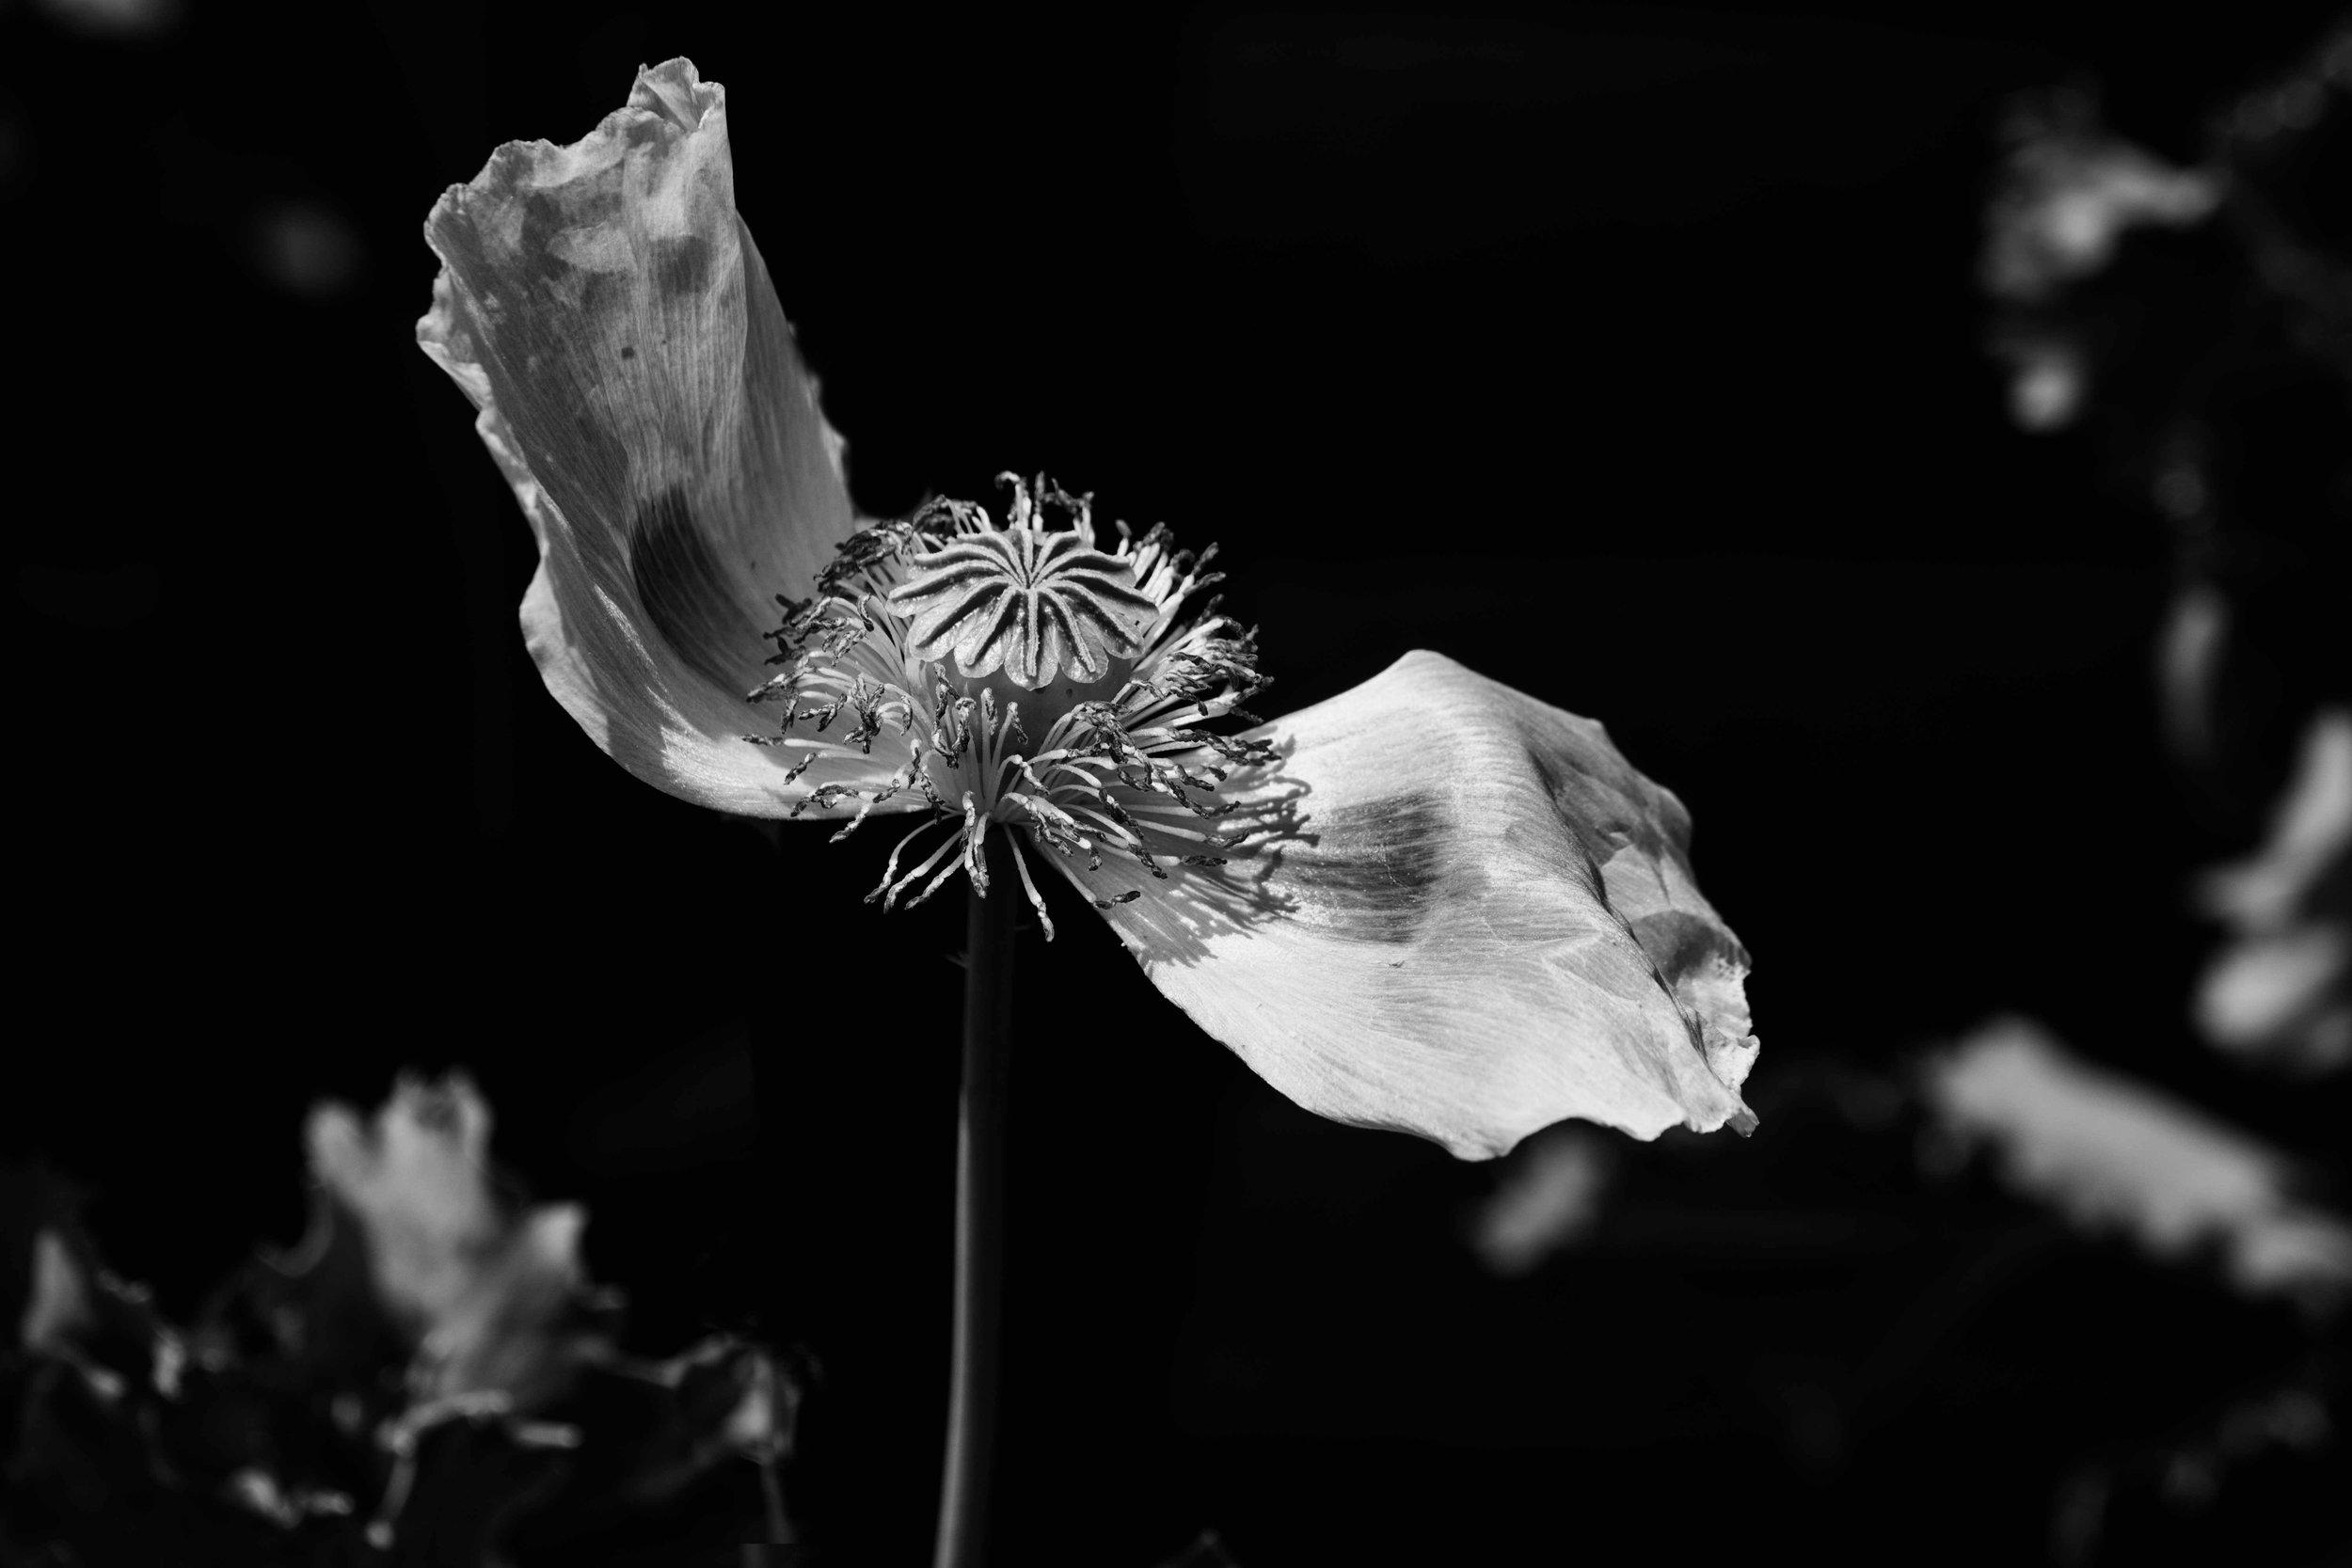 Shedding its petals